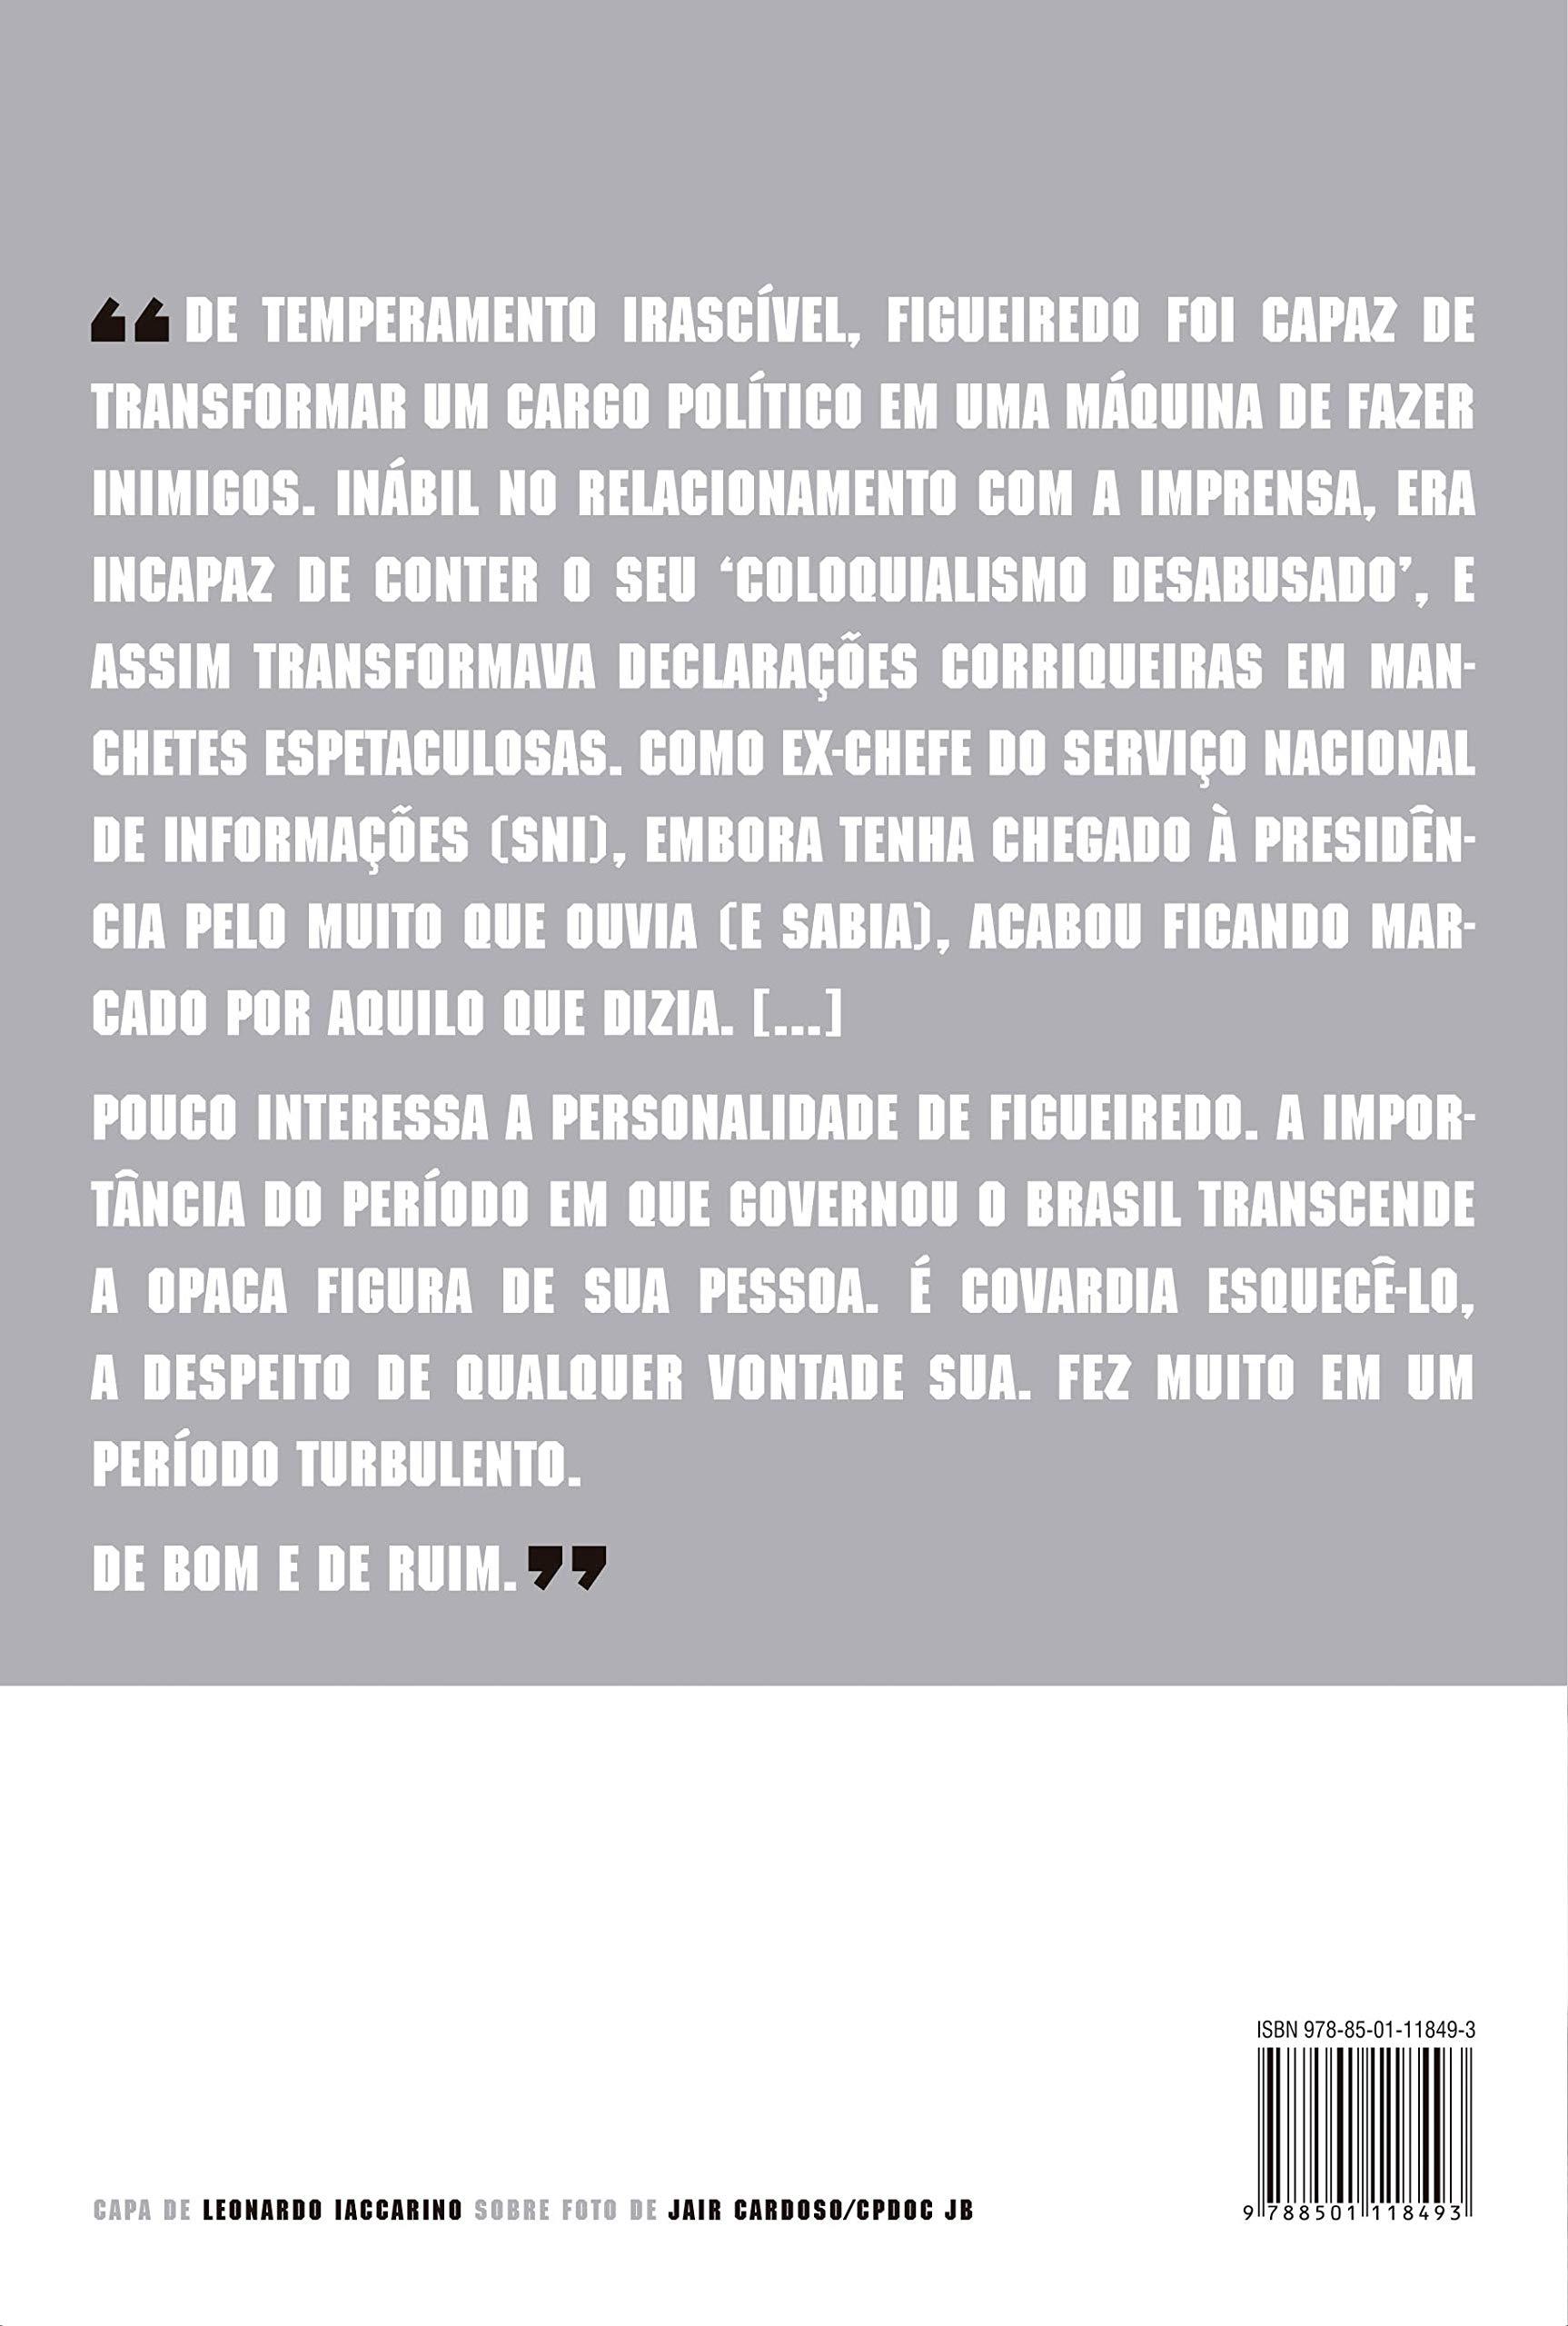 Livro 'Me esqueçam: Figueiredo' por Bernardo Braga Pasqualette